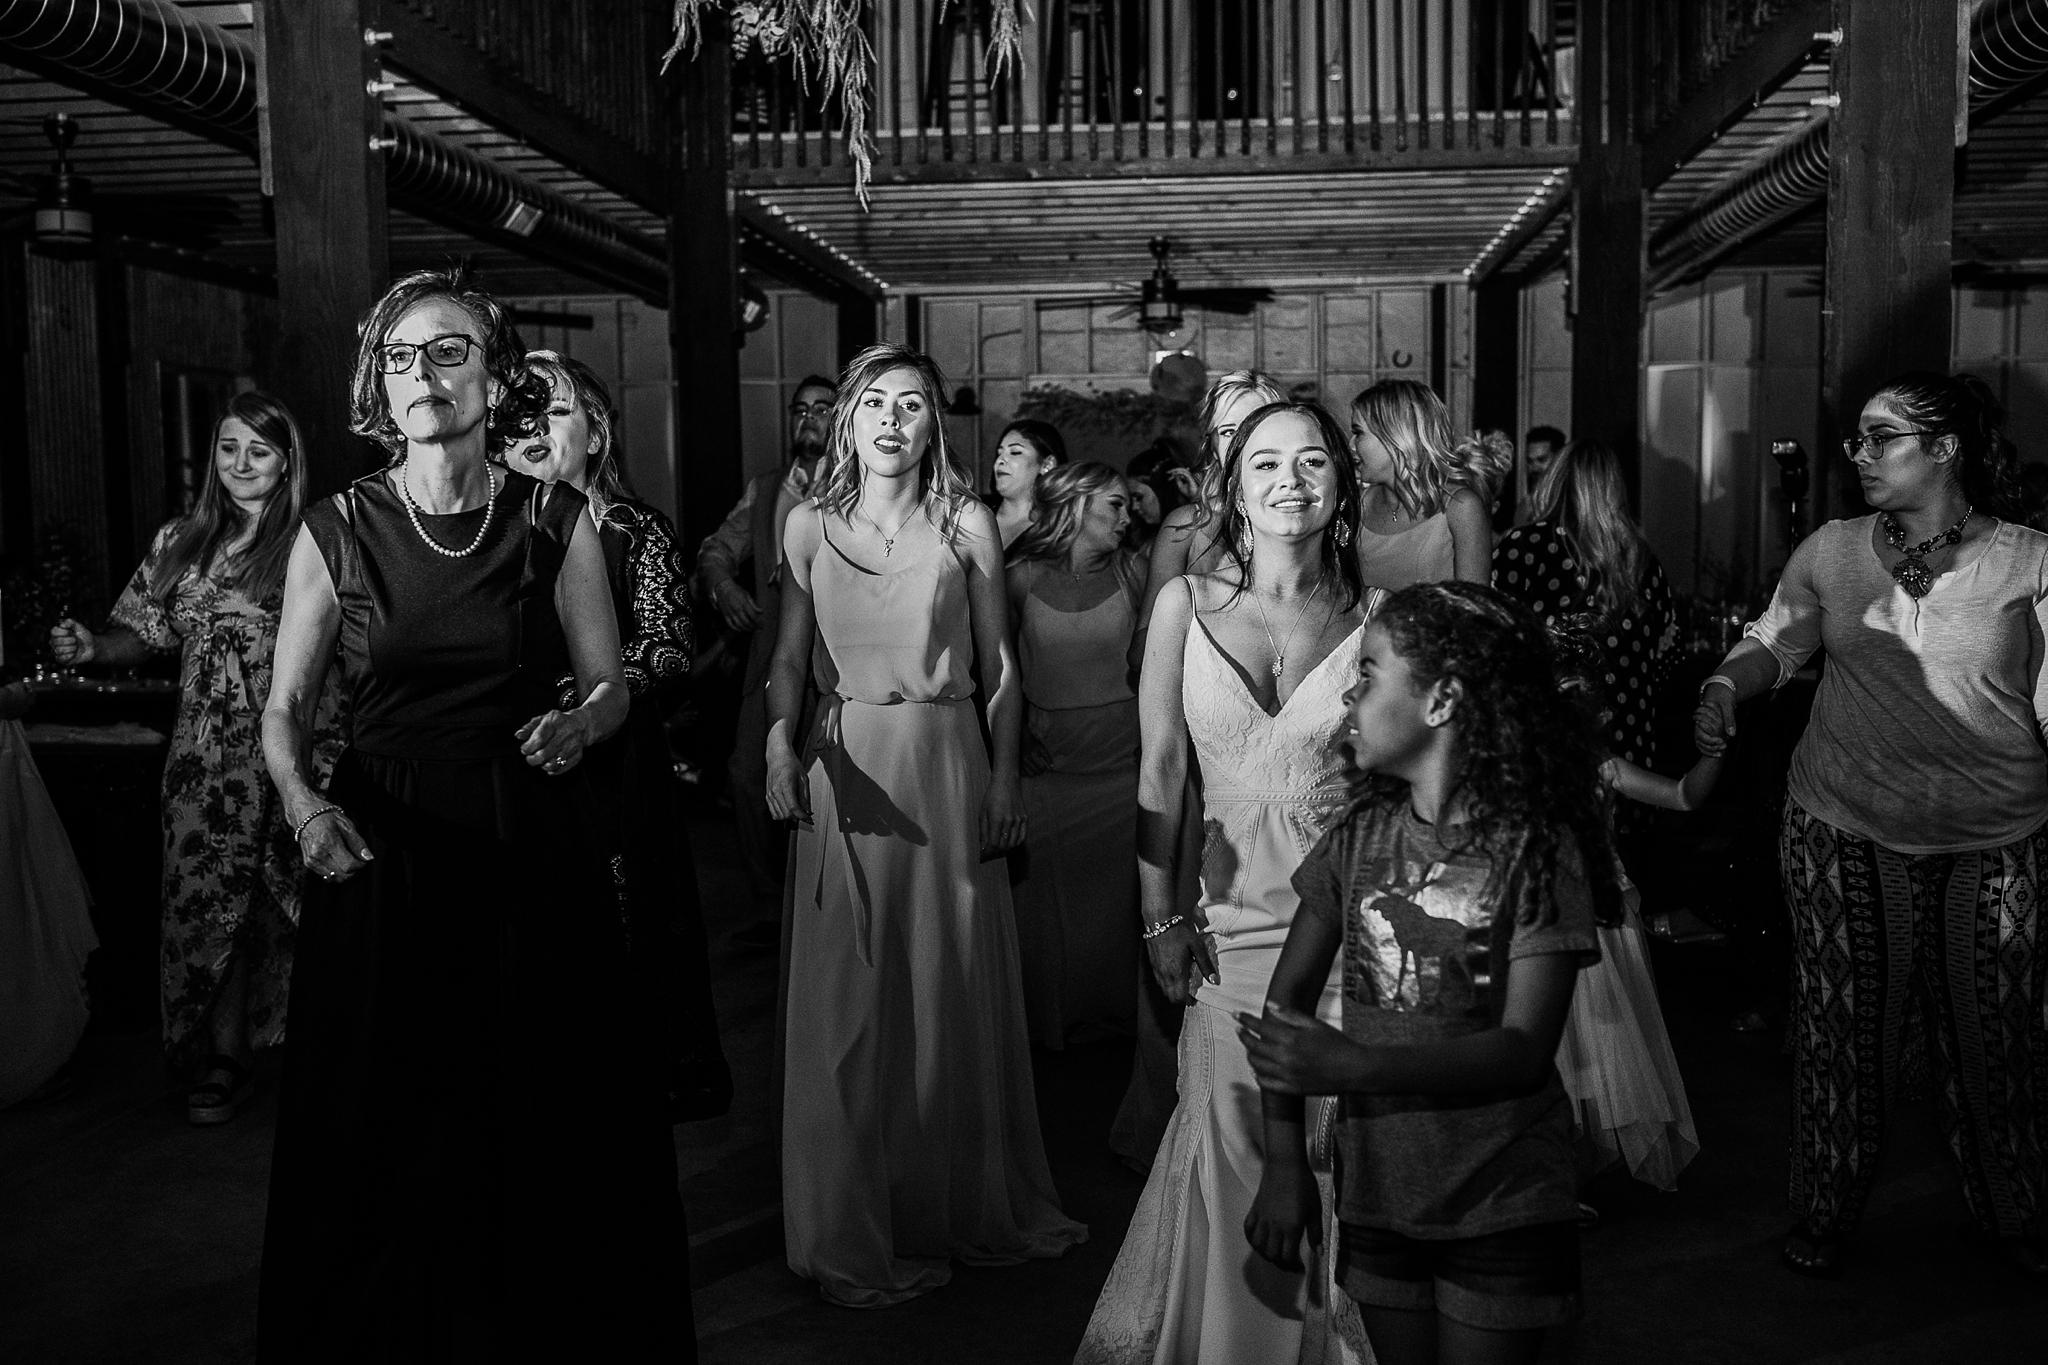 Alicia+lucia+photography+-+albuquerque+wedding+photographer+-+santa+fe+wedding+photography+-+new+mexico+wedding+photographer+-+new+mexico+wedding+-+new+mexico+wedding+-+barn+wedding+-+enchanted+vine+barn+wedding+-+ruidoso+wedding_0169.jpg